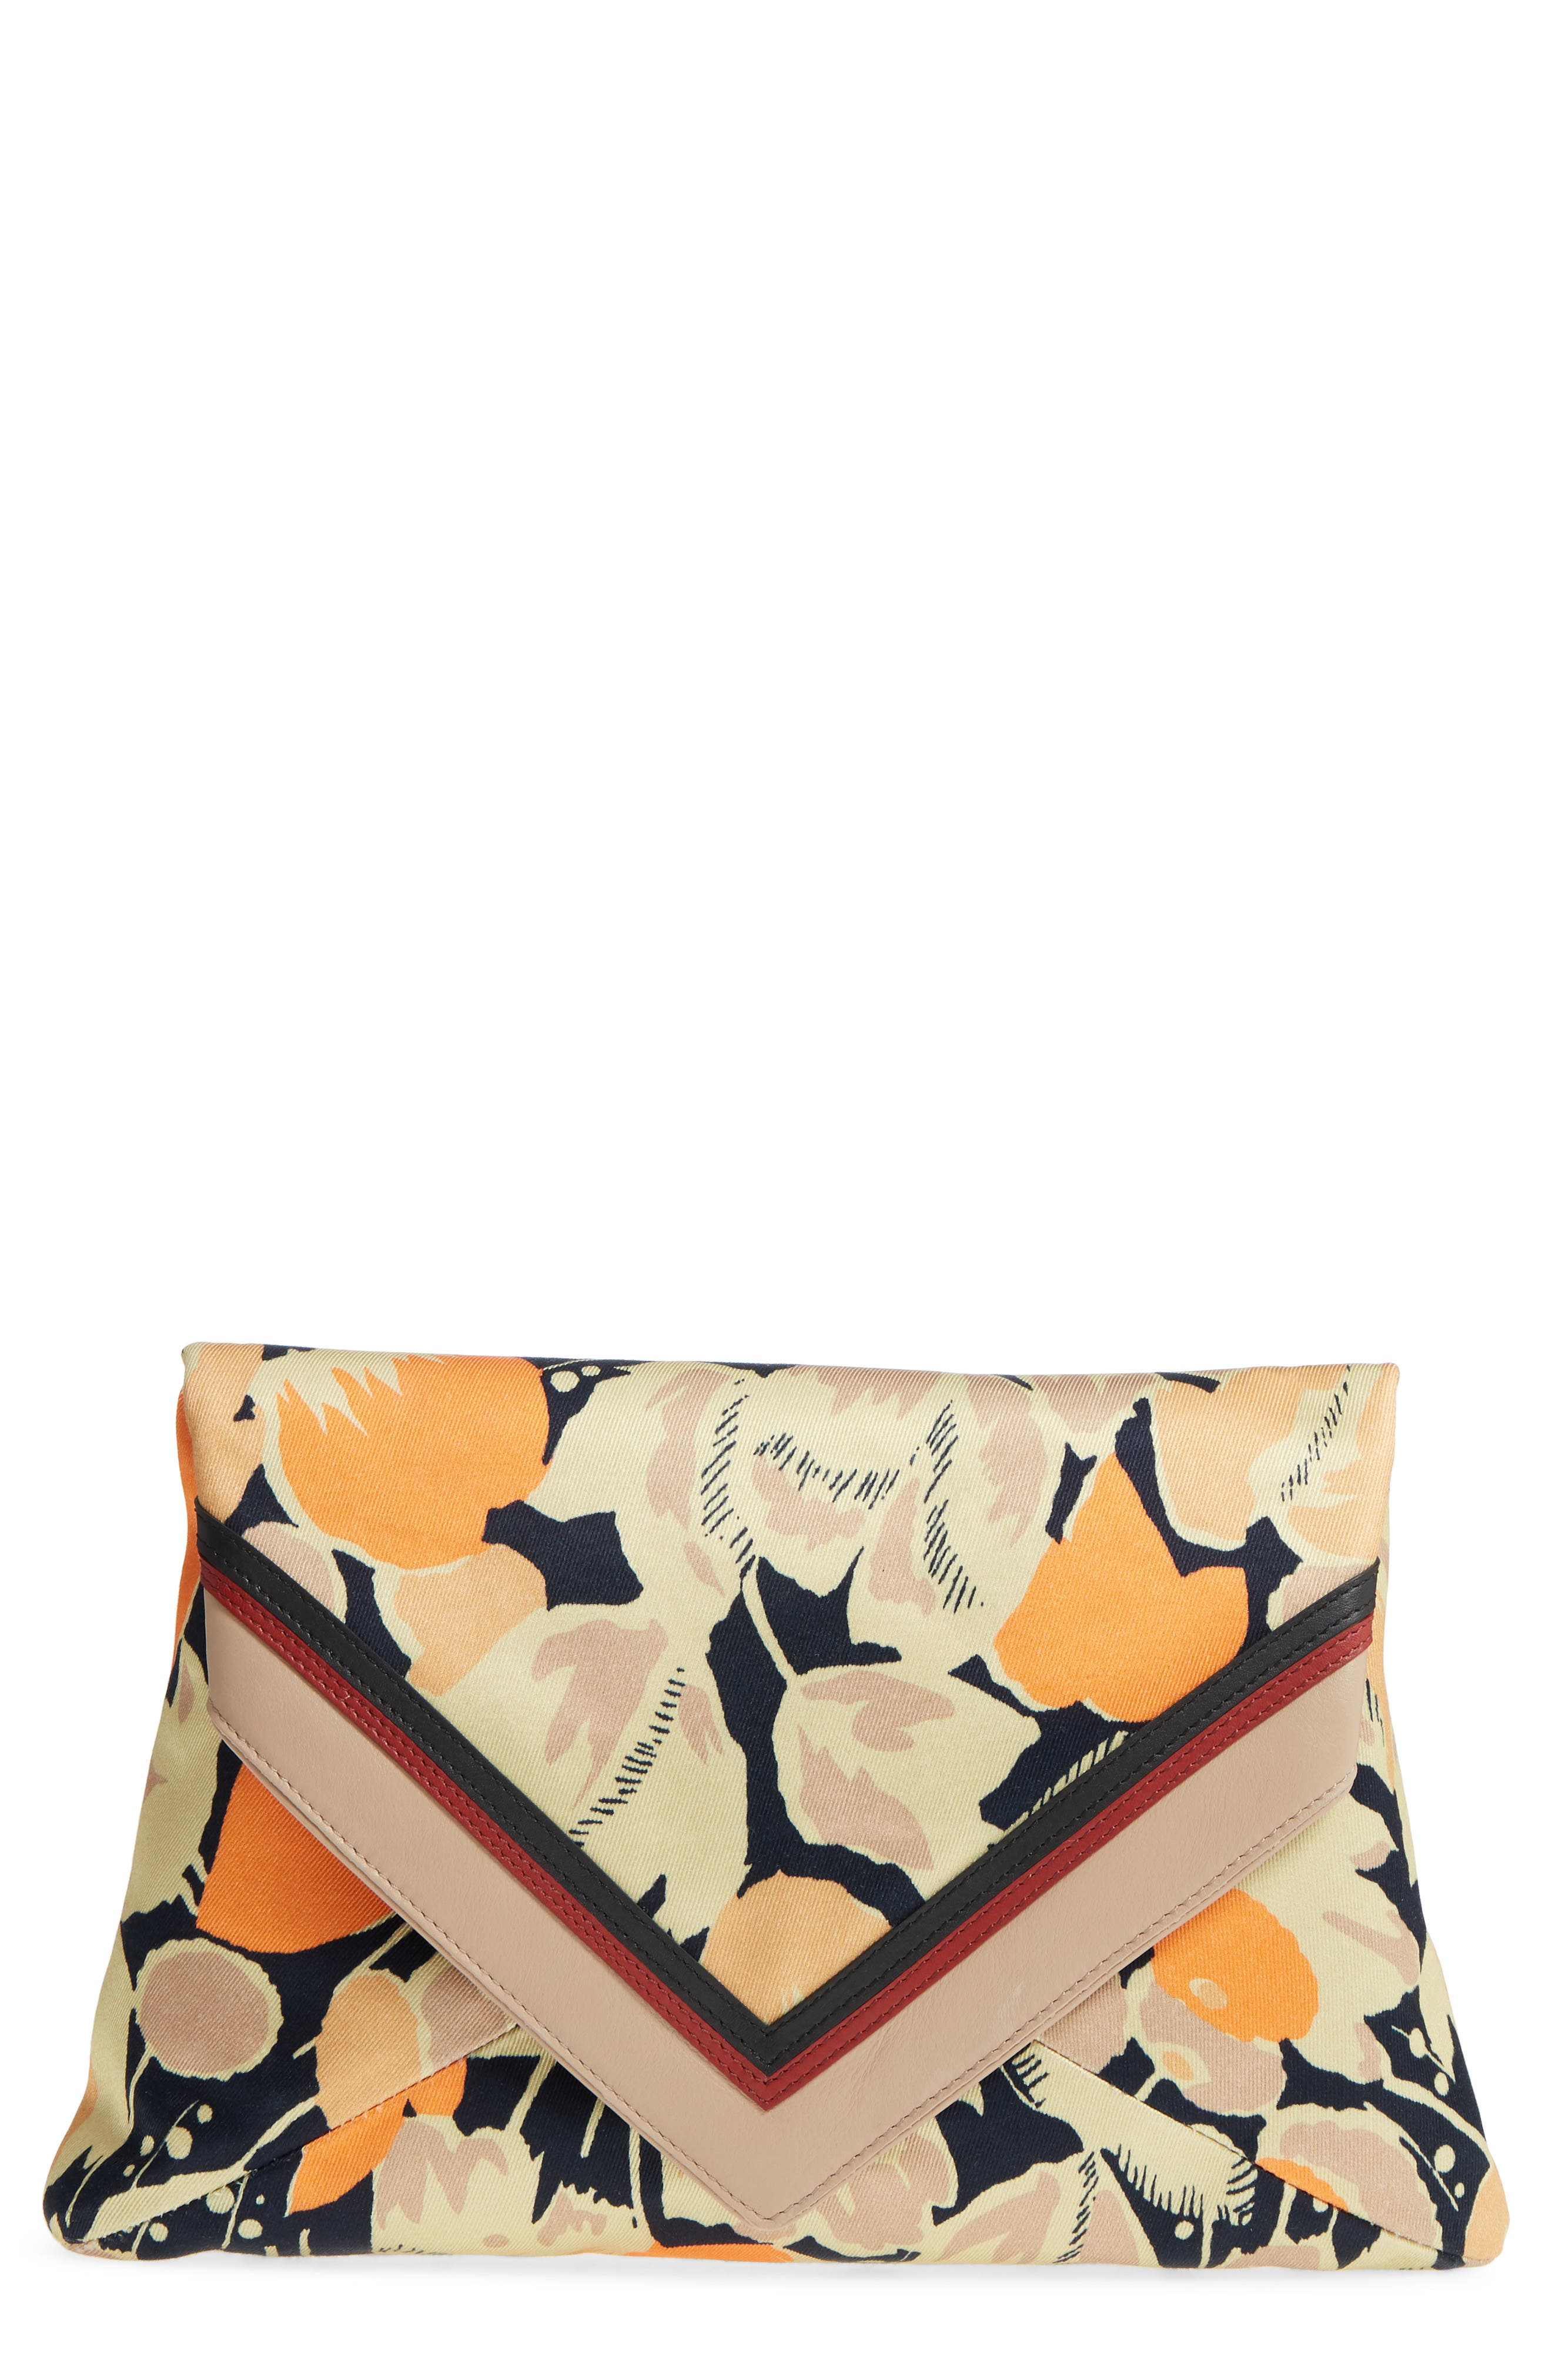 DRIES VAN NOTEN, Floral Print Envelope Clutch, Main thumbnail 1, color, 800